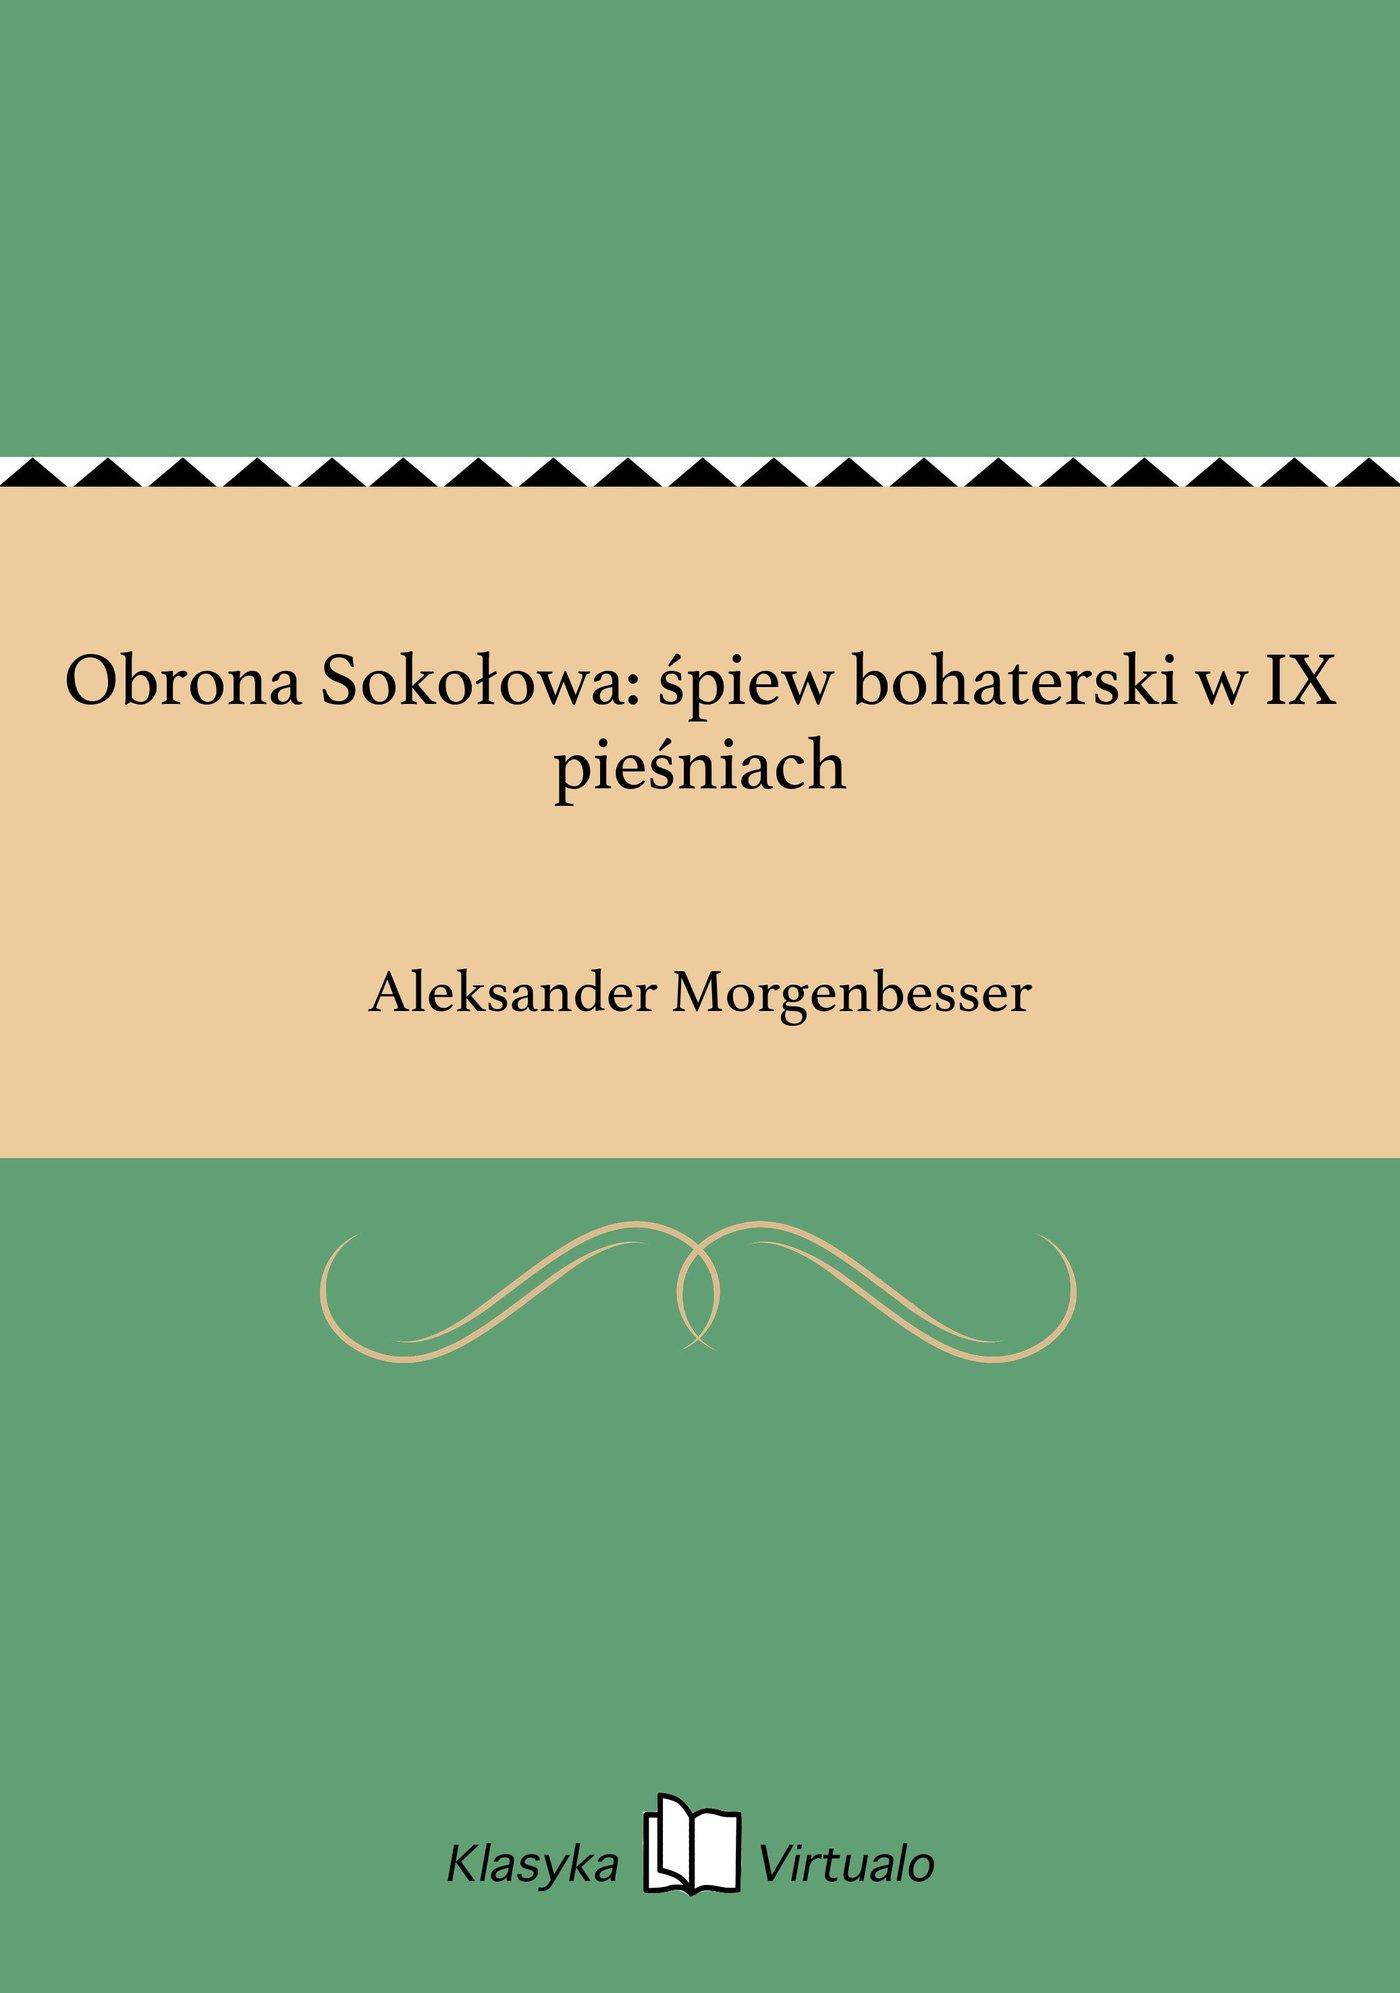 Obrona Sokołowa: śpiew bohaterski w IX pieśniach - Ebook (Książka EPUB) do pobrania w formacie EPUB